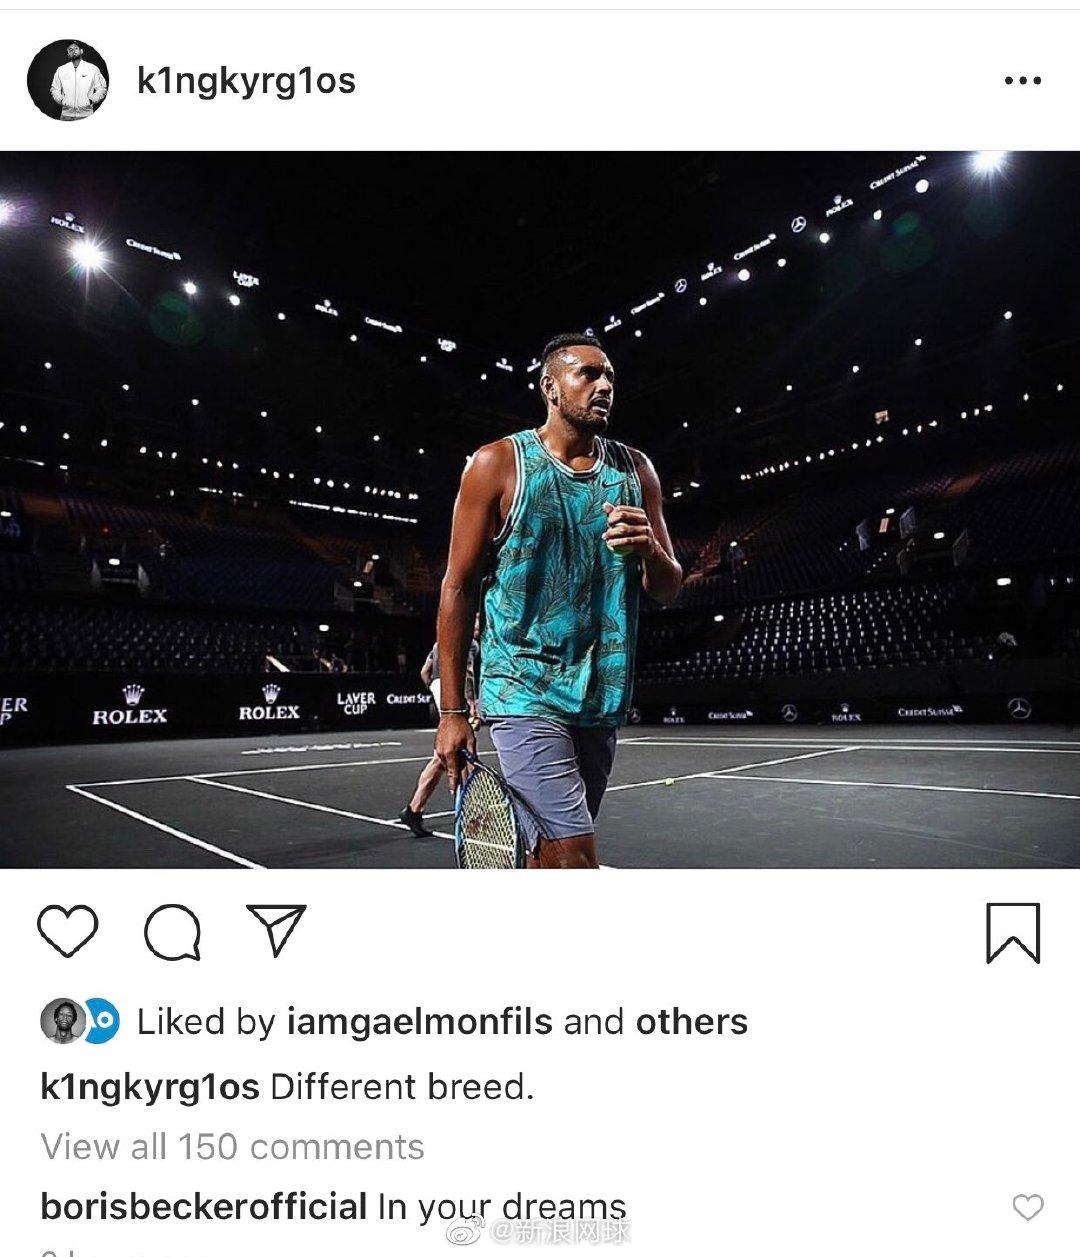 克耶高斯在社交媒体上晒照写道